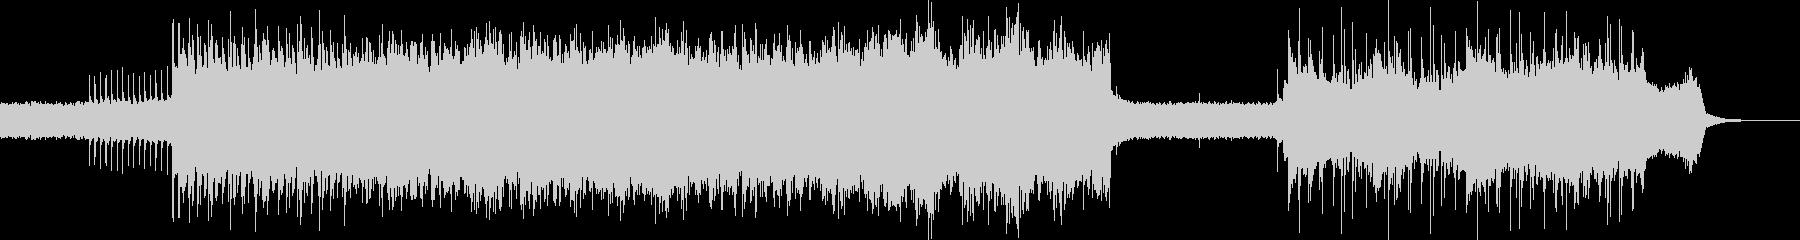 激しめのギターサウンドの未再生の波形